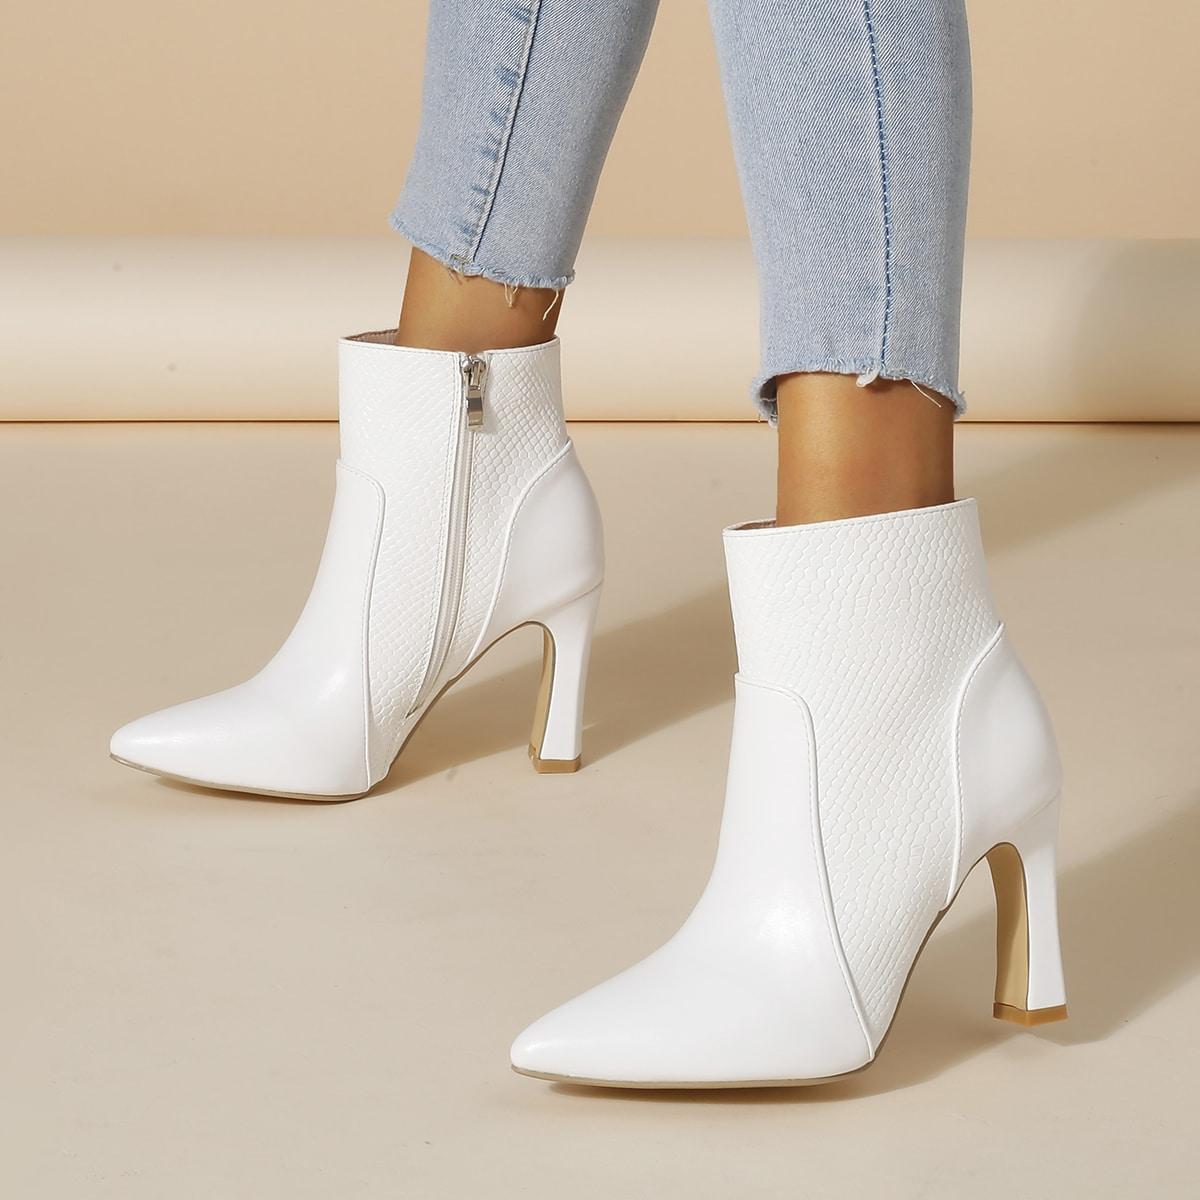 Классические ботинки с узором змеи на молнии на массивном каблуке